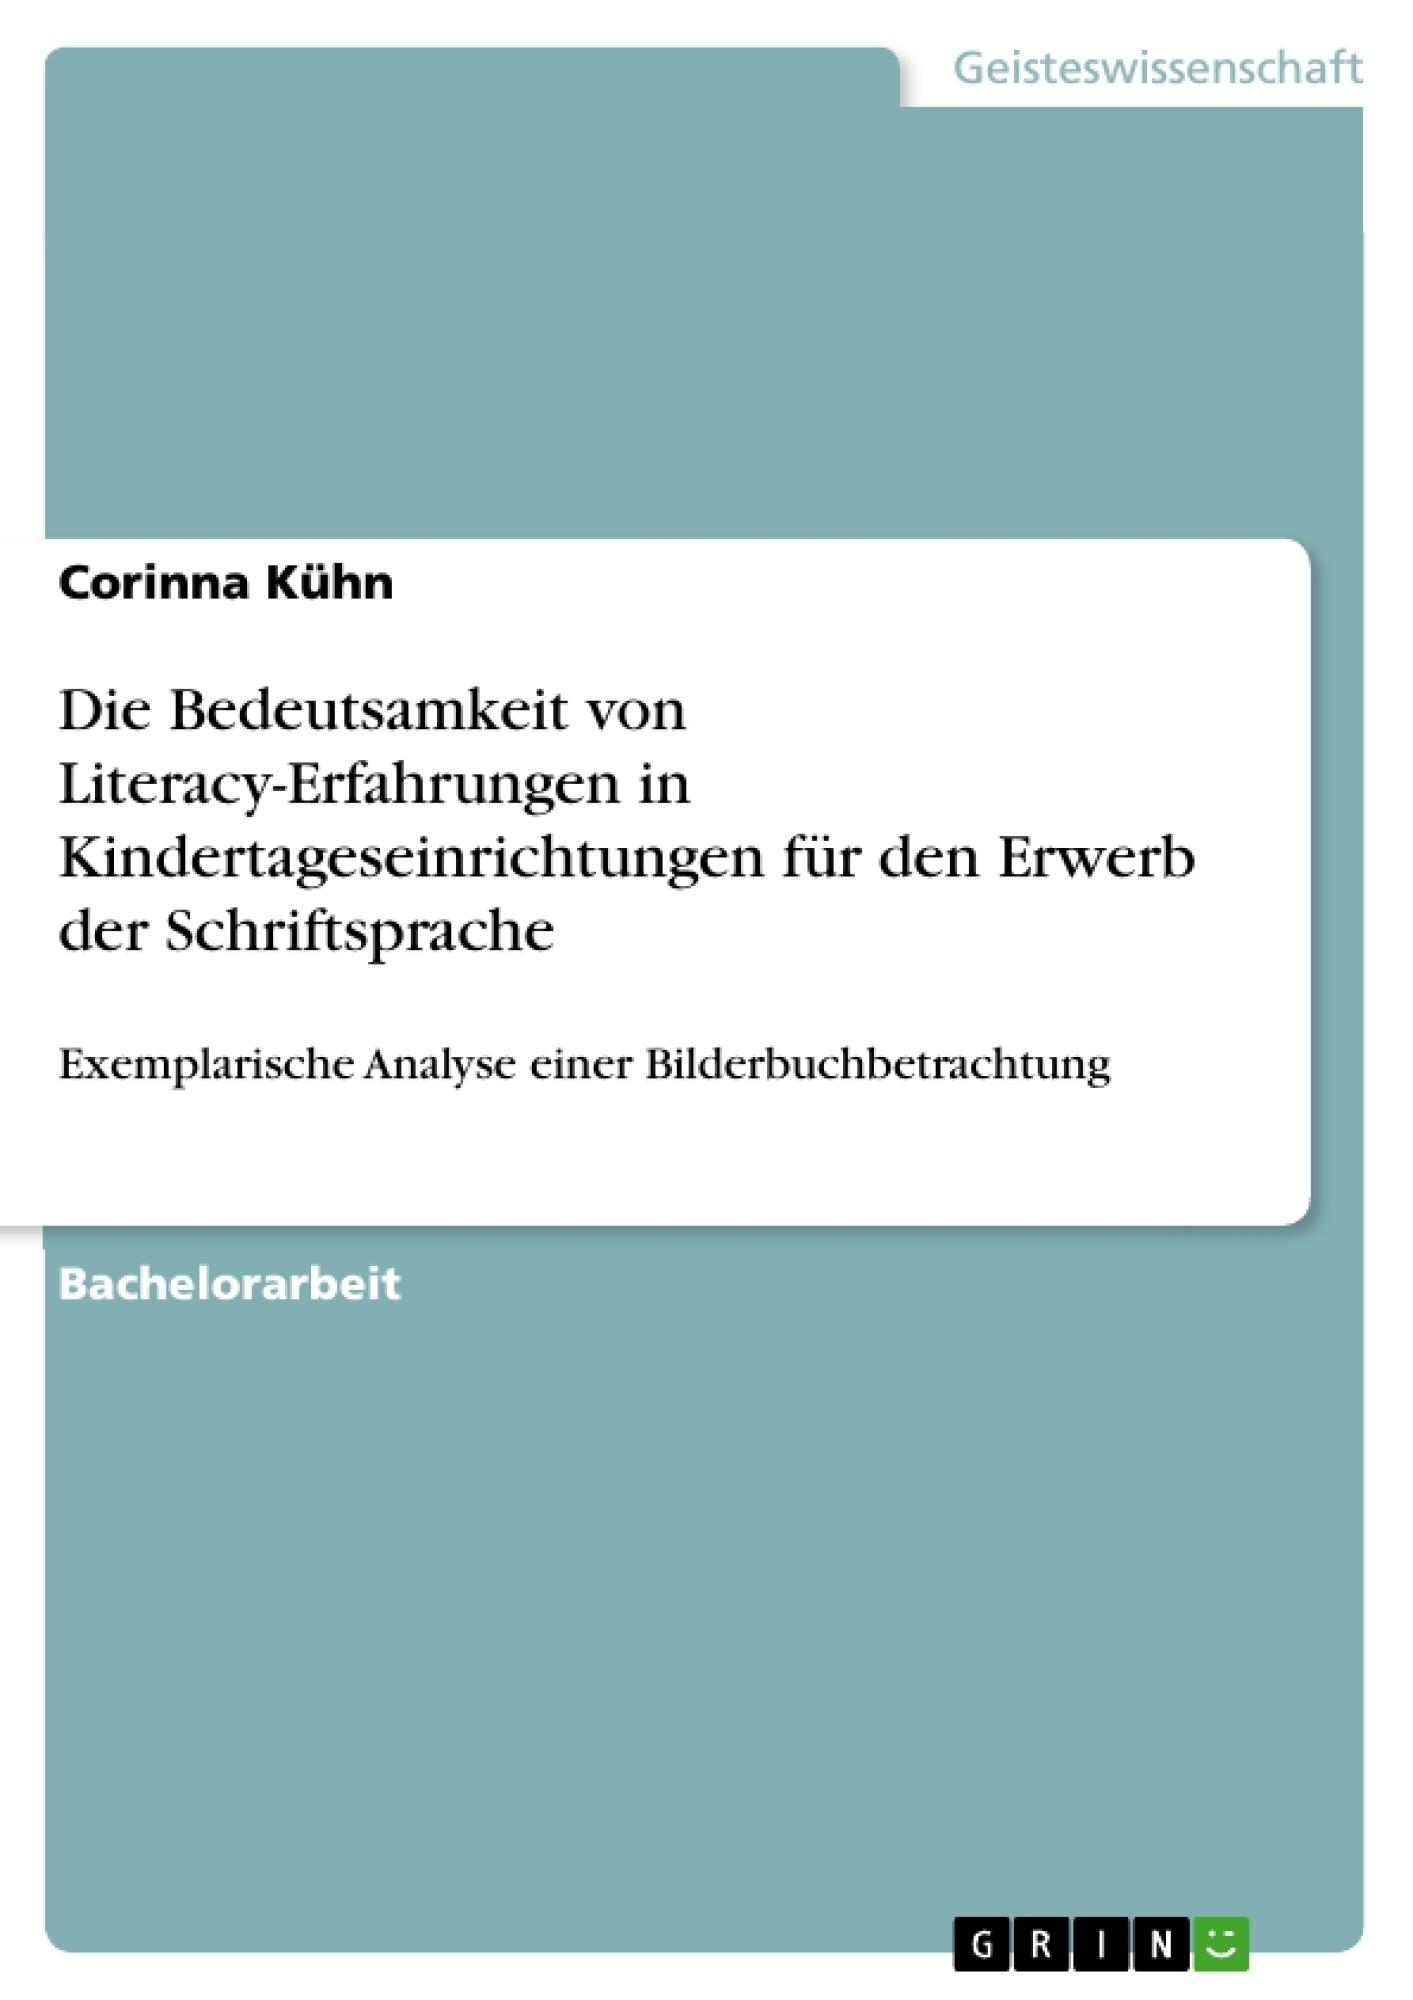 Titel: Die Bedeutsamkeit von Literacy-Erfahrungen in Kindertageseinrichtungen für den Erwerb der Schriftsprache